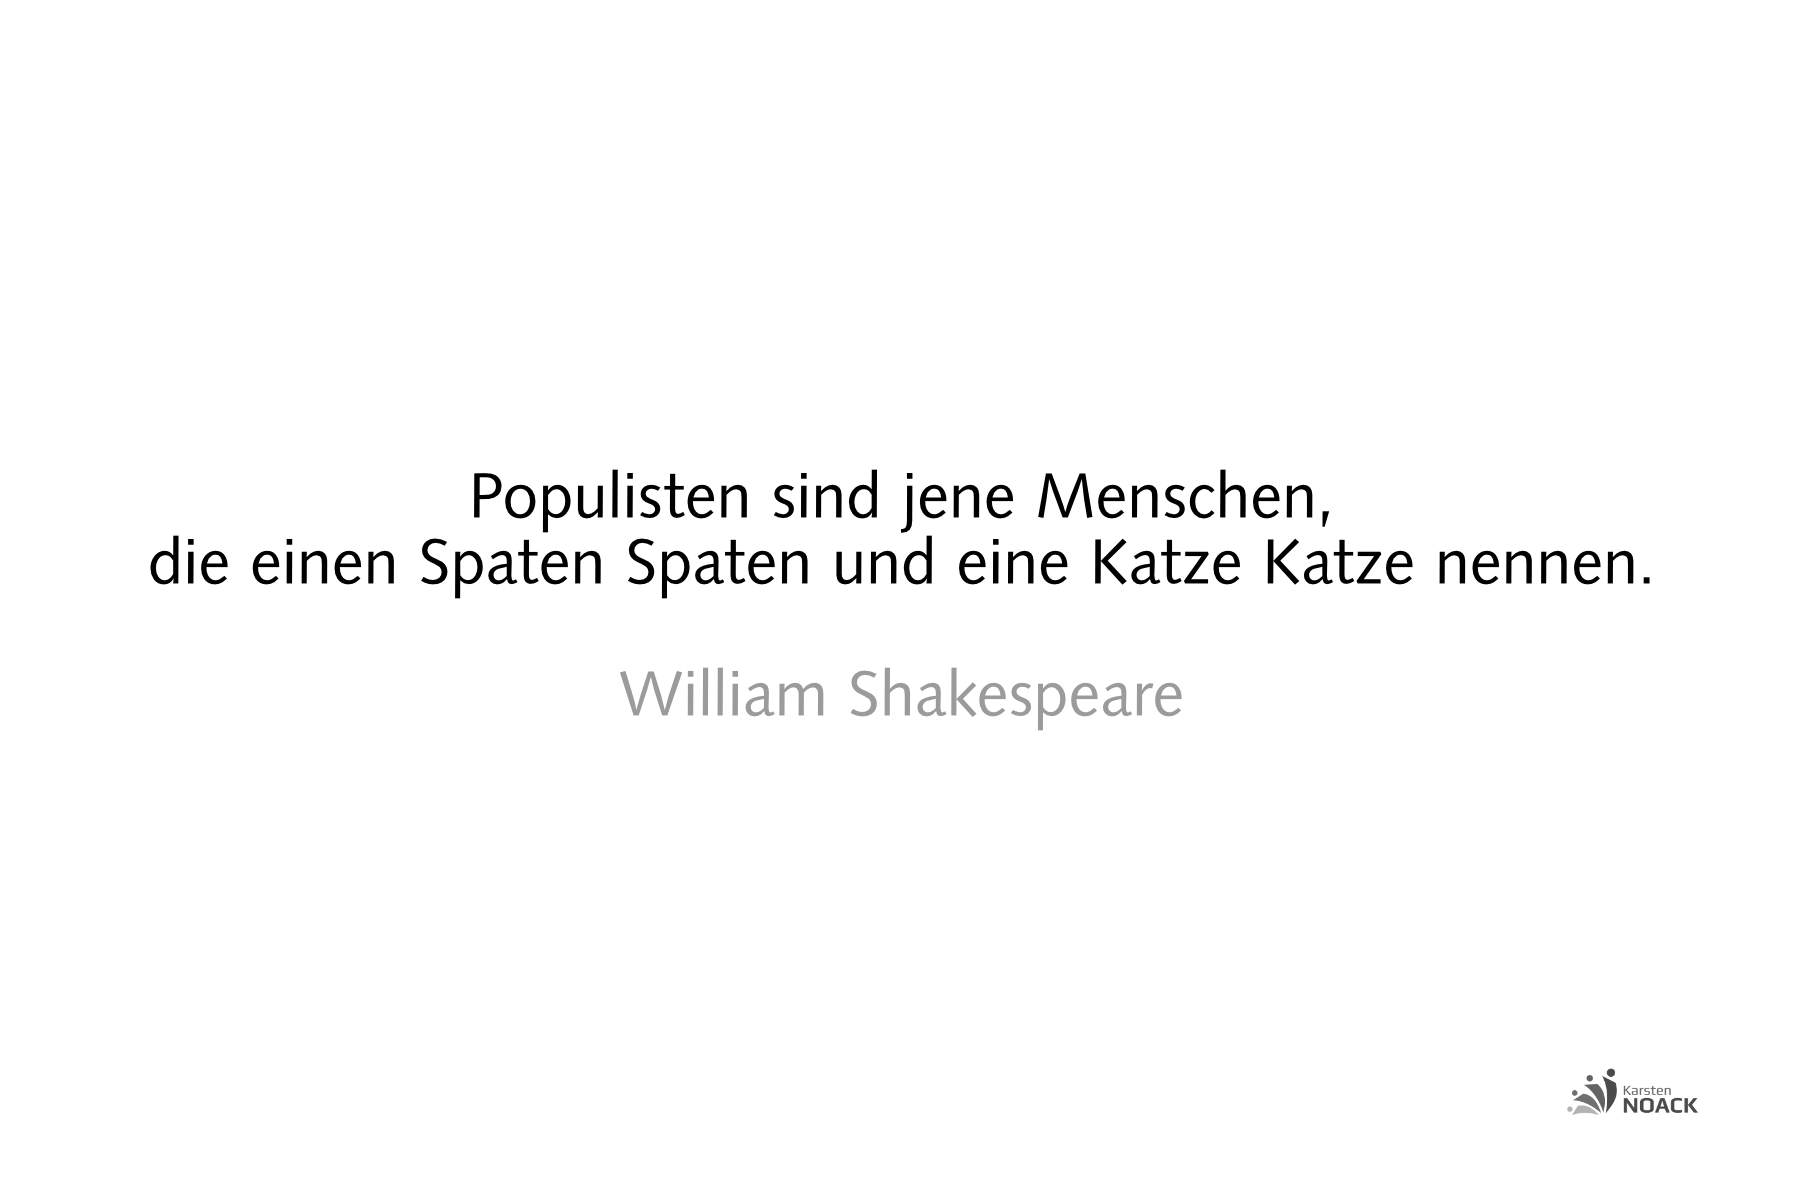 Populisten sind jene Menschen, die einen Spaten Spaten und eine Katze Katze nennen. William Shakespeare